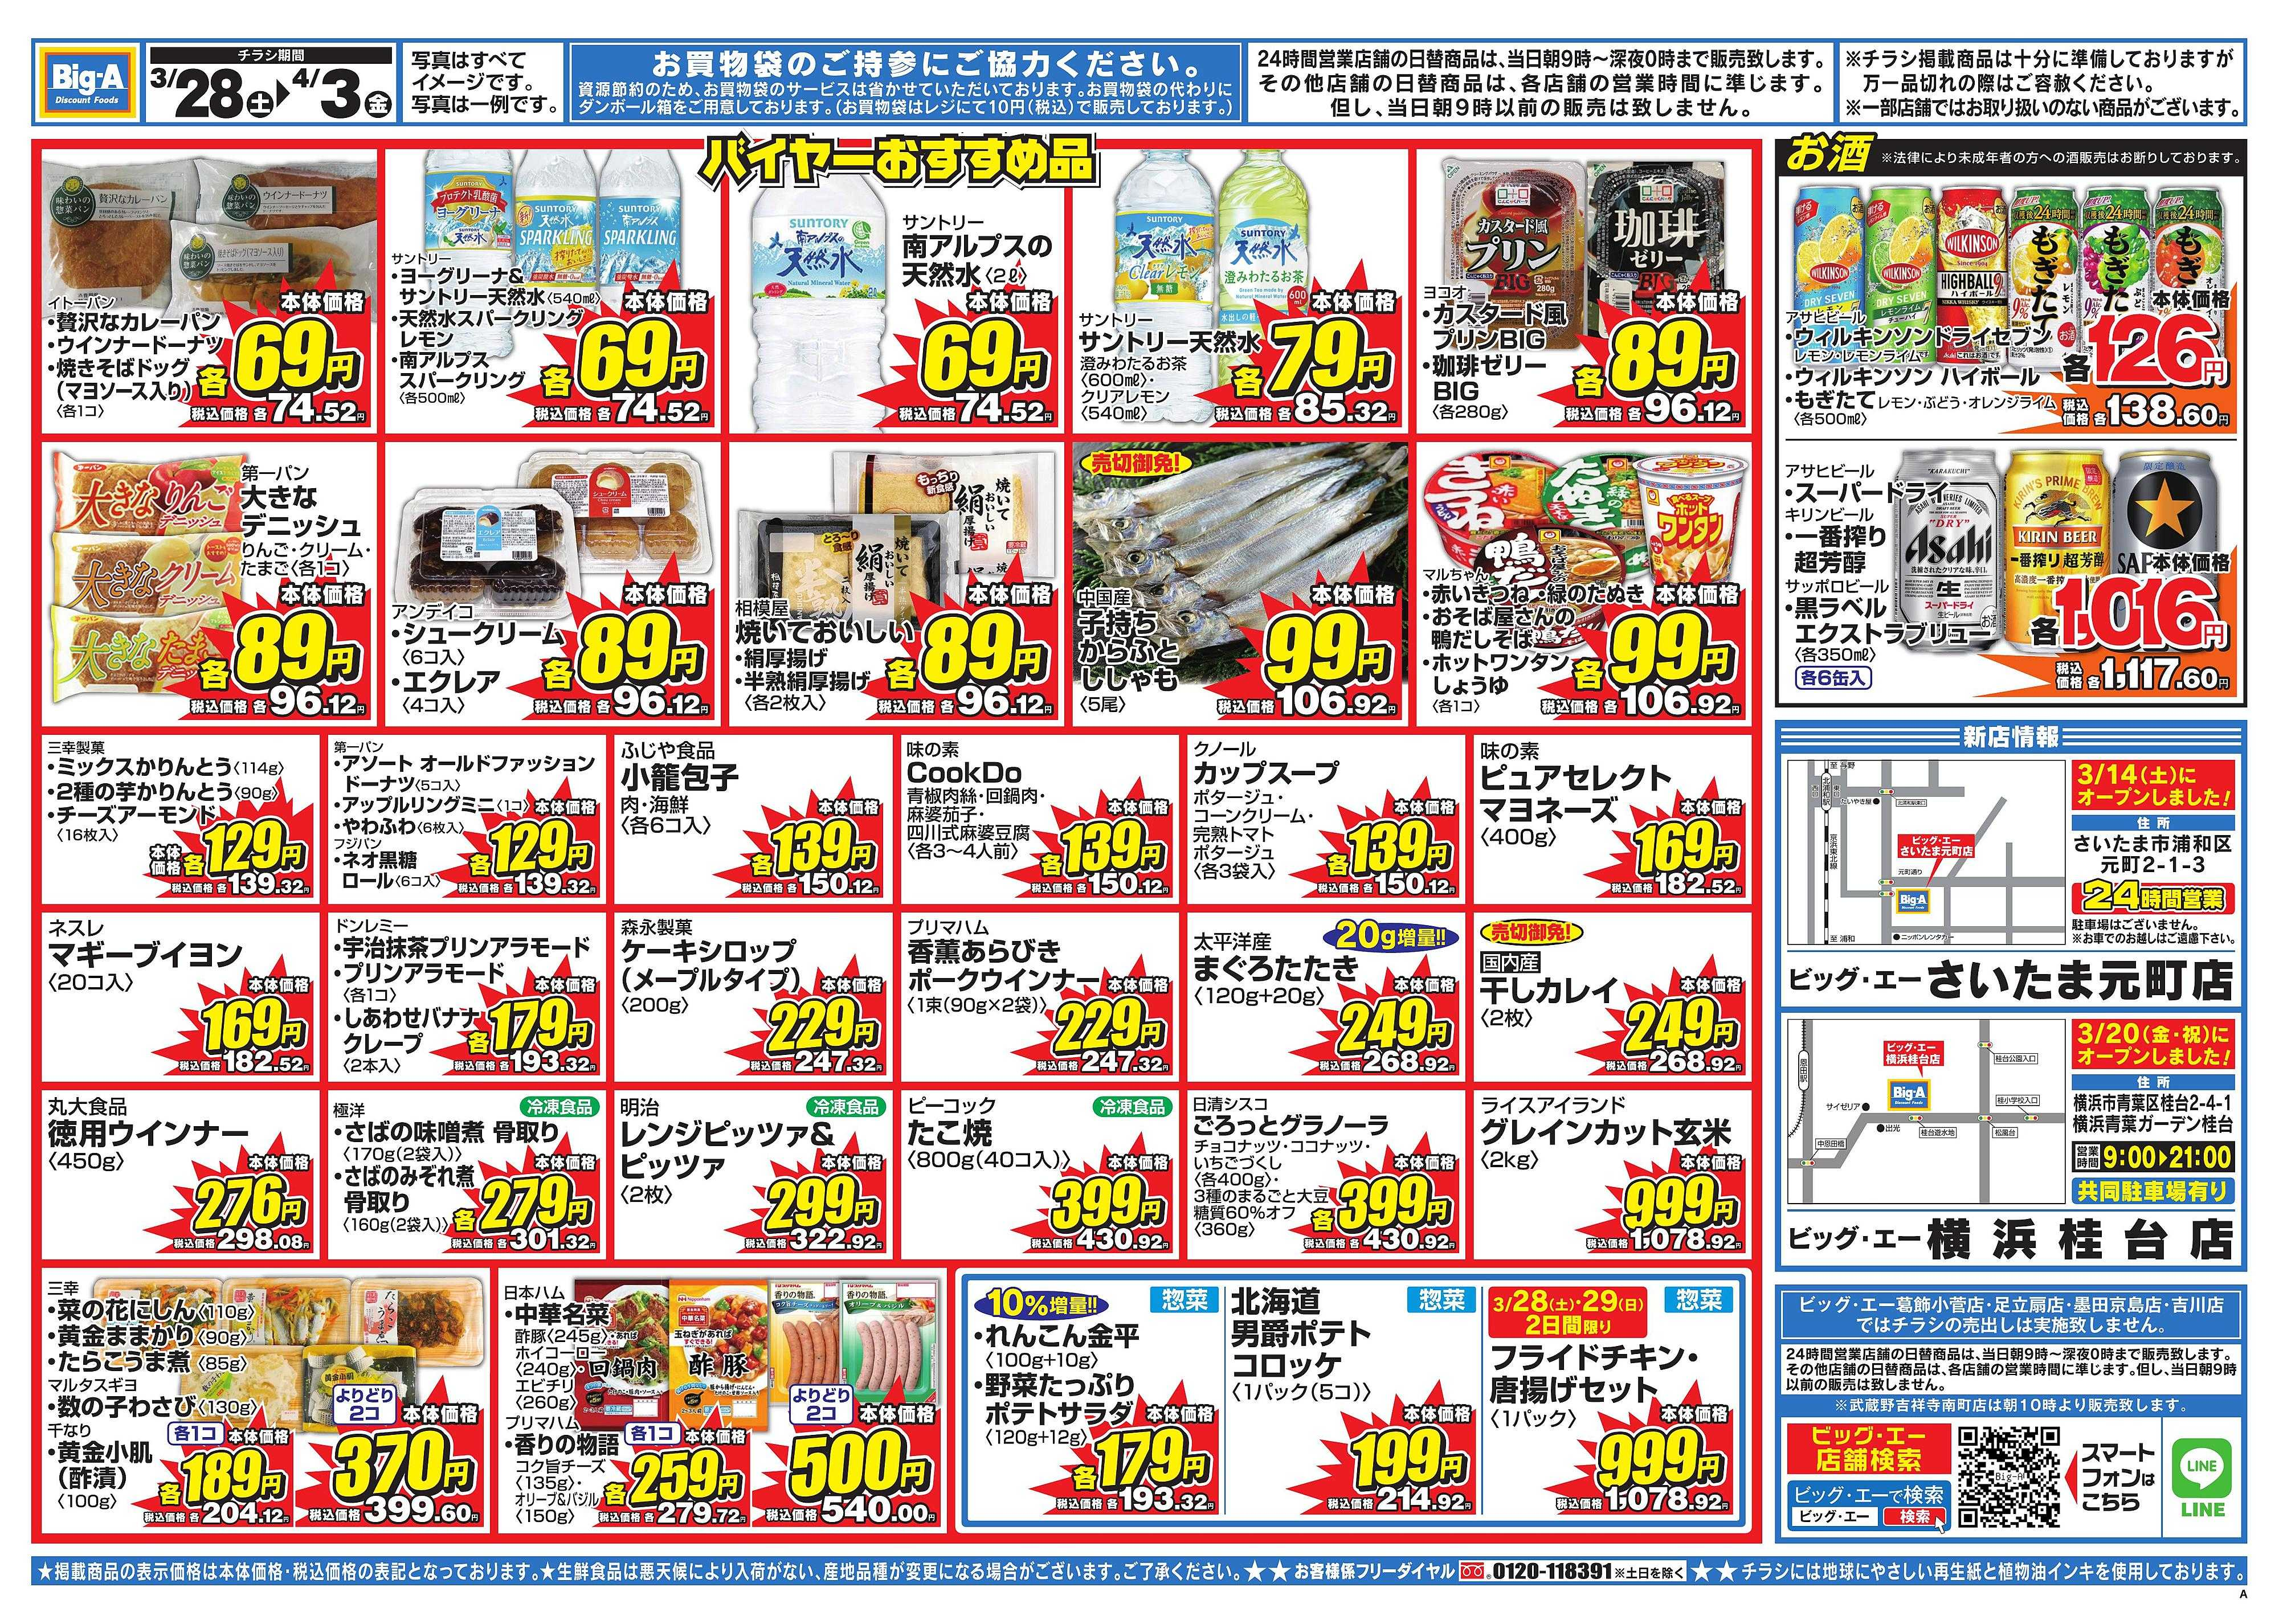 ビッグ・エー 3/28(土)~4/3(金)チラシ②